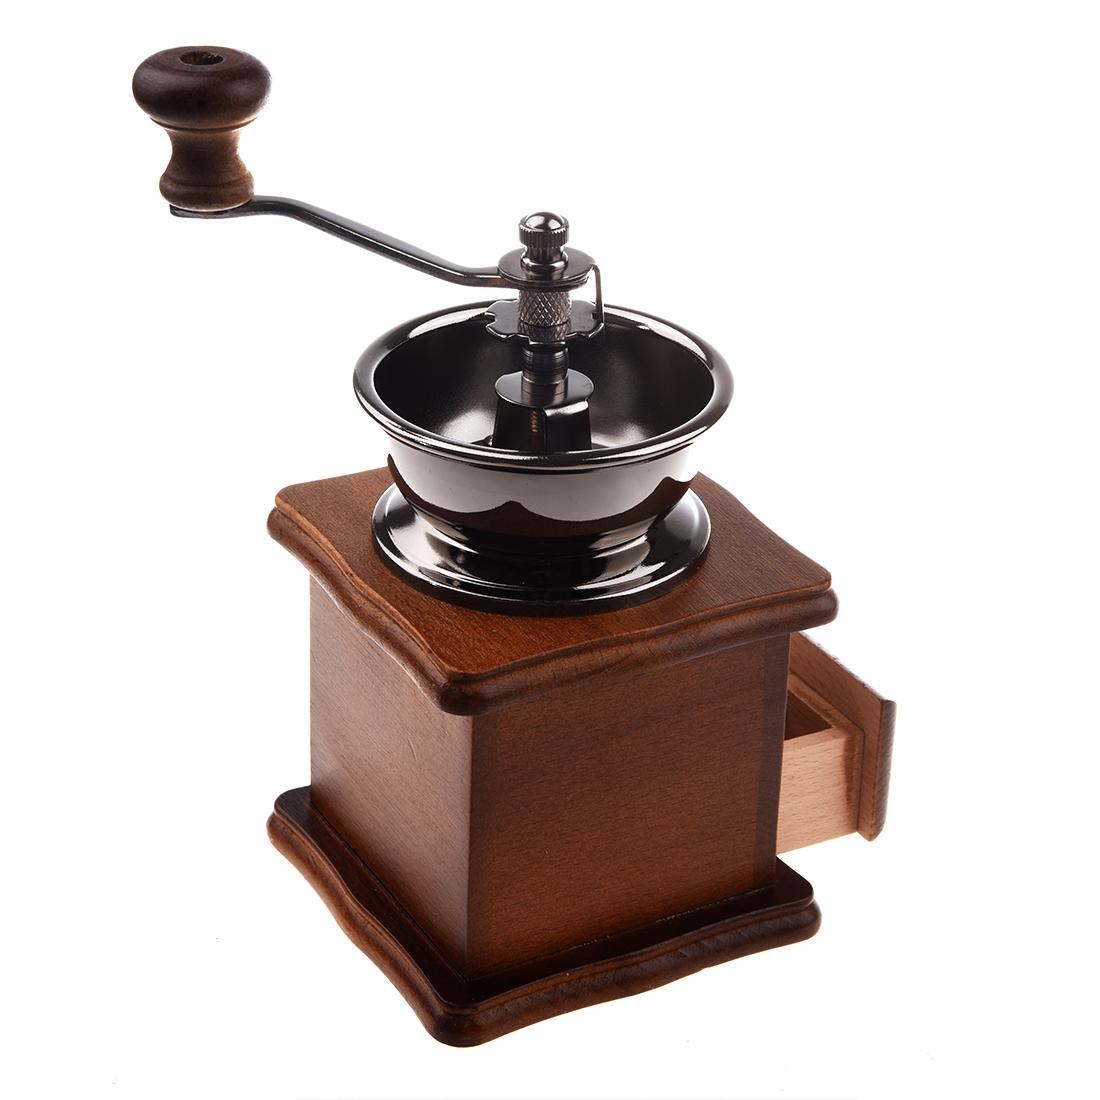 moulin a cafe manuel en bois metal grinder moulin couleur. Black Bedroom Furniture Sets. Home Design Ideas